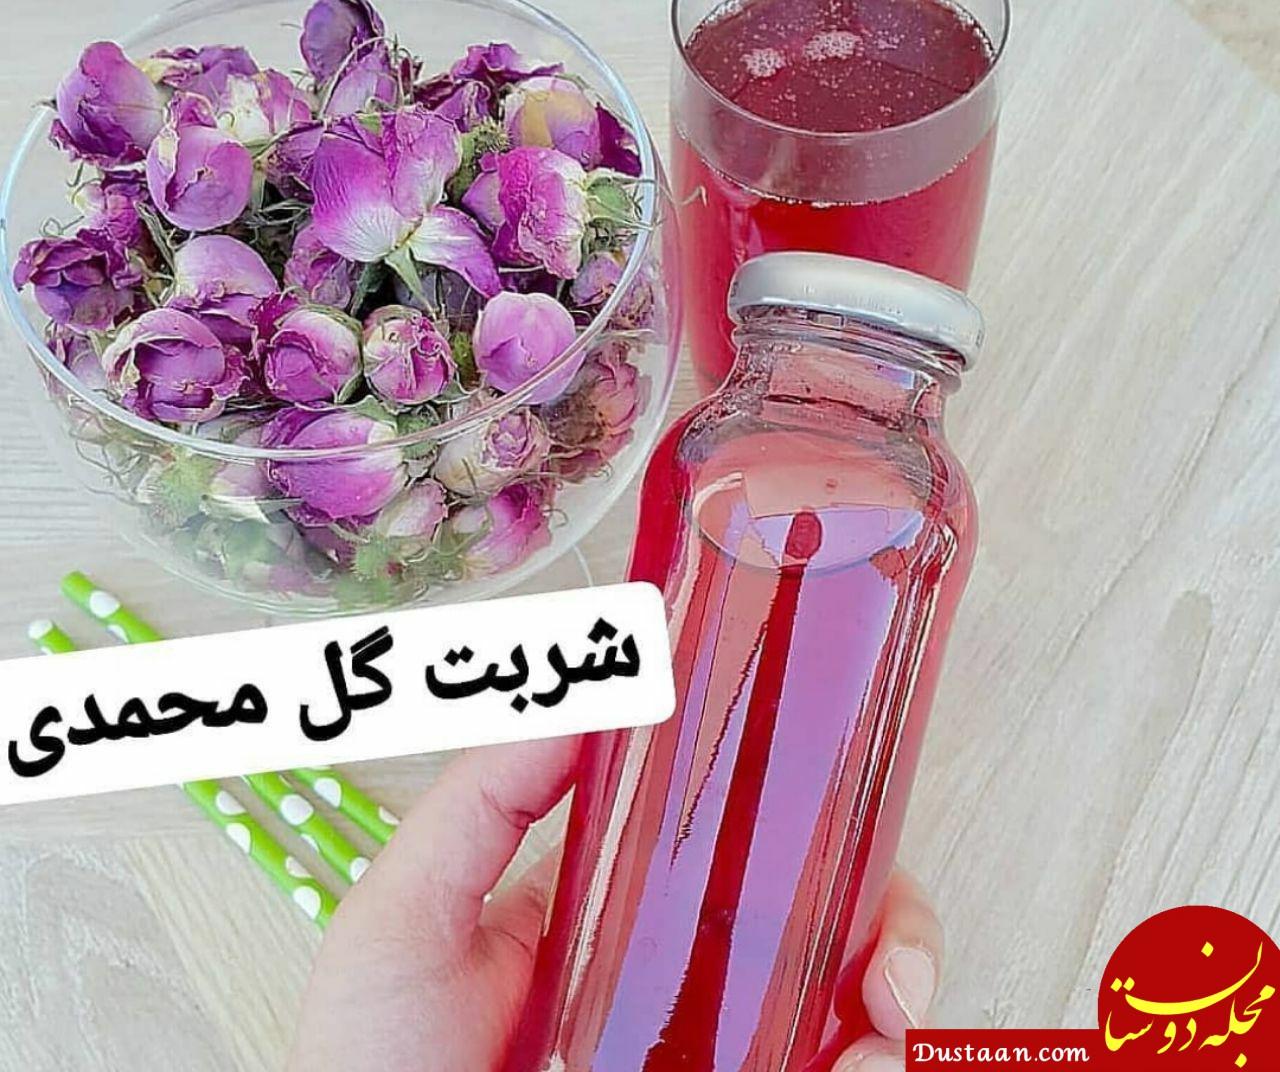 www.dustaan.com طرز تهیه شربت گل محمدی به سبکی خوشمزه